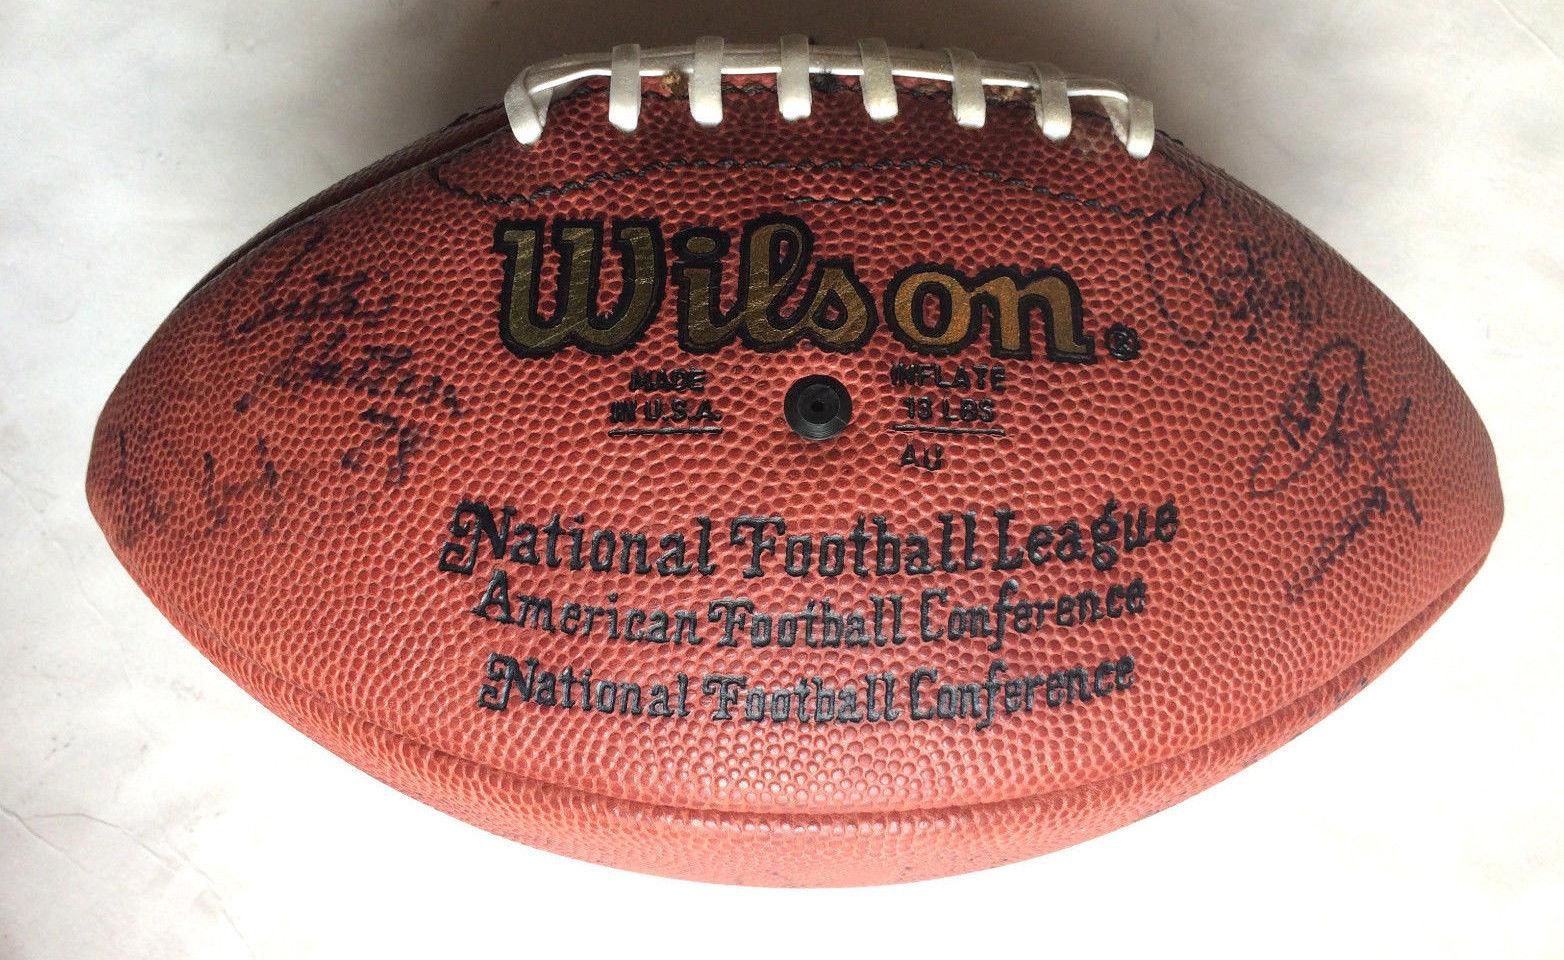 New York Jets signed official NFL football 24 auto Curtis Martin Chrebet CBM COA